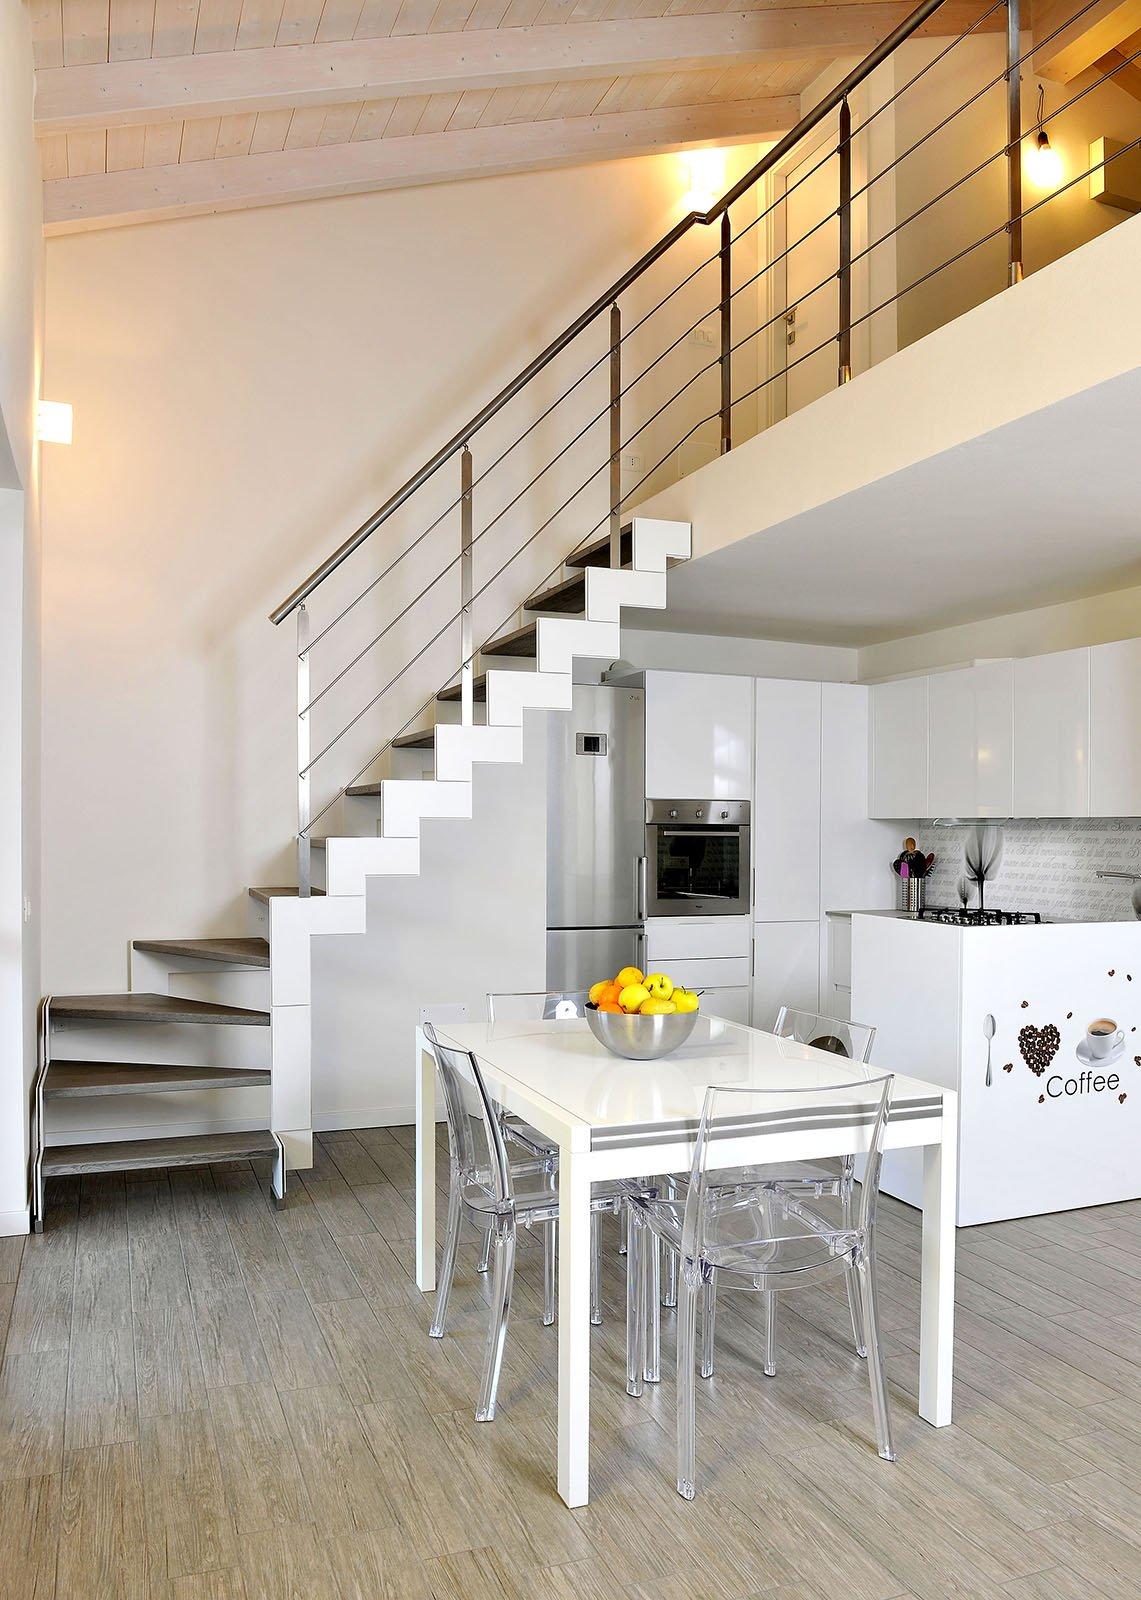 Scegliere la scala per collegare il sottotetto cose di casa for Piano casa artigiano di eplans